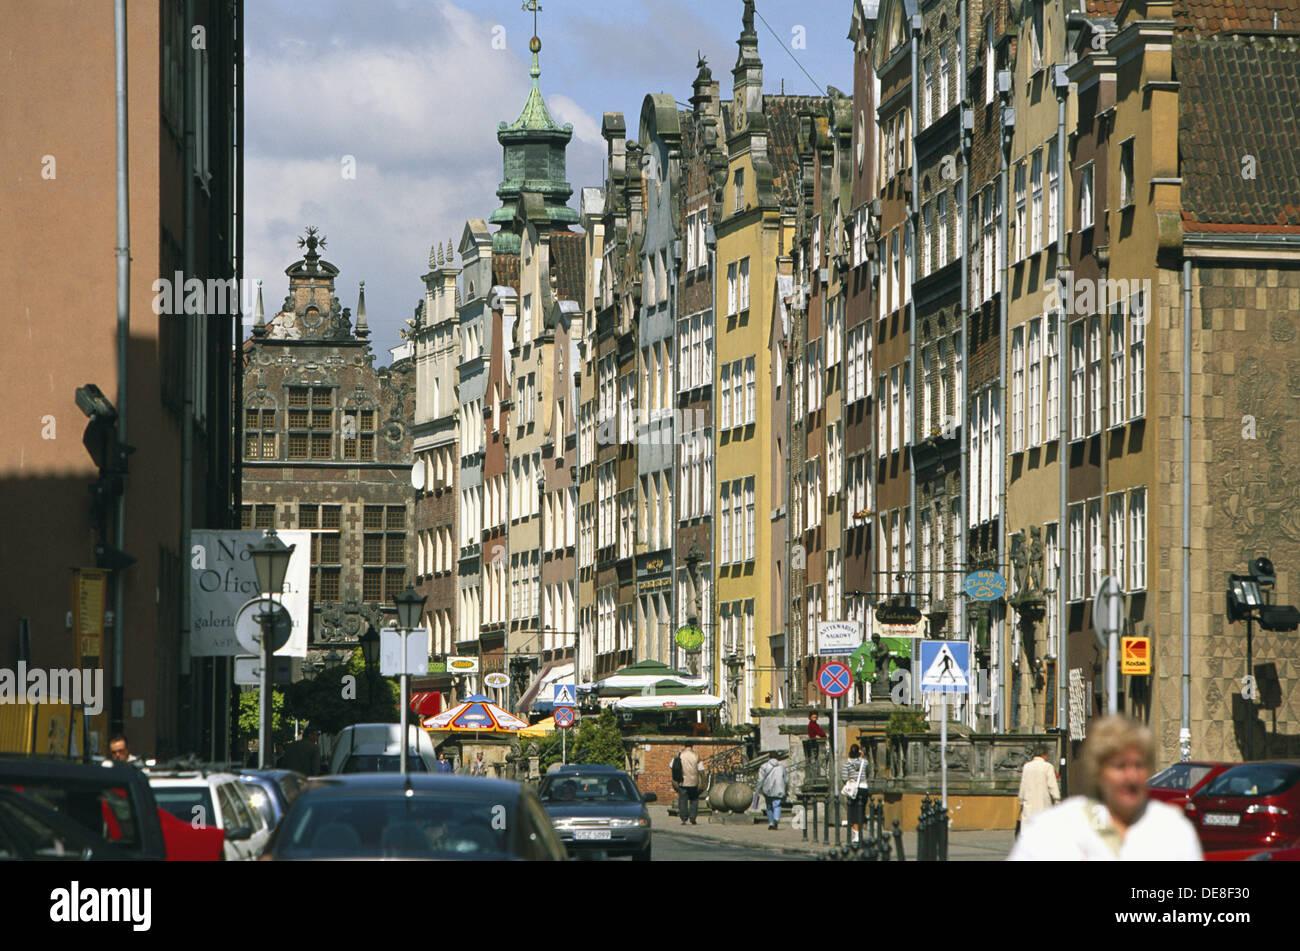 Piwna street with view to great armoury. Gdansk. Pomerania. Poland - Stock Image